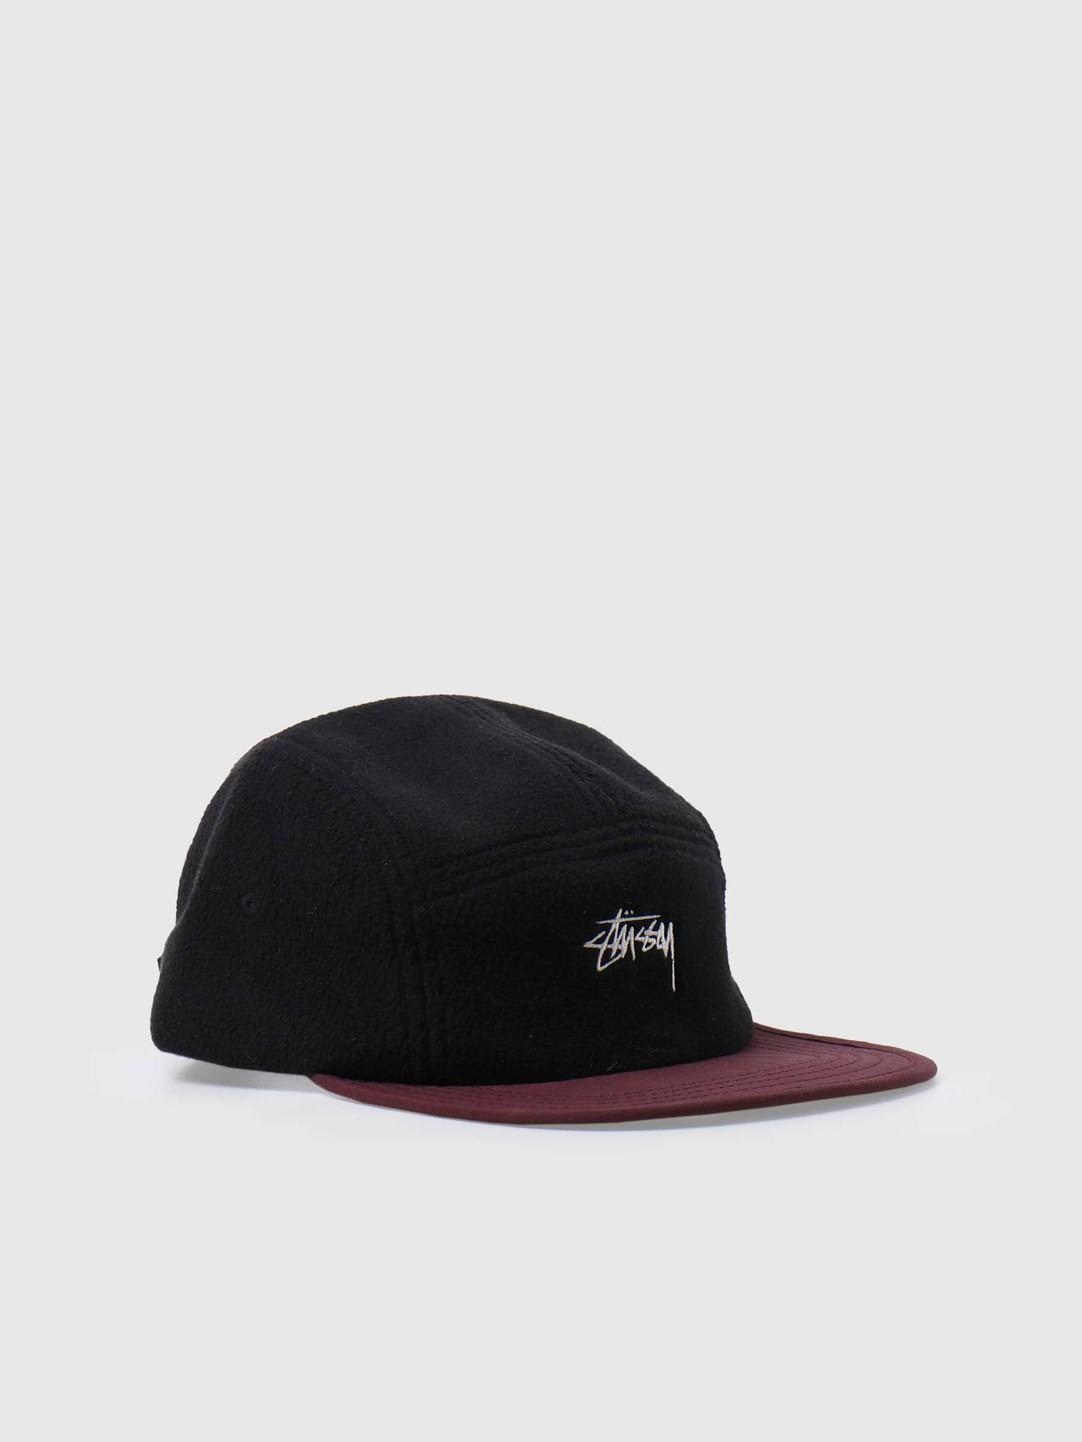 Stussy Stussy Fleece Nylon Mix Camp Cap Black 132997-0001